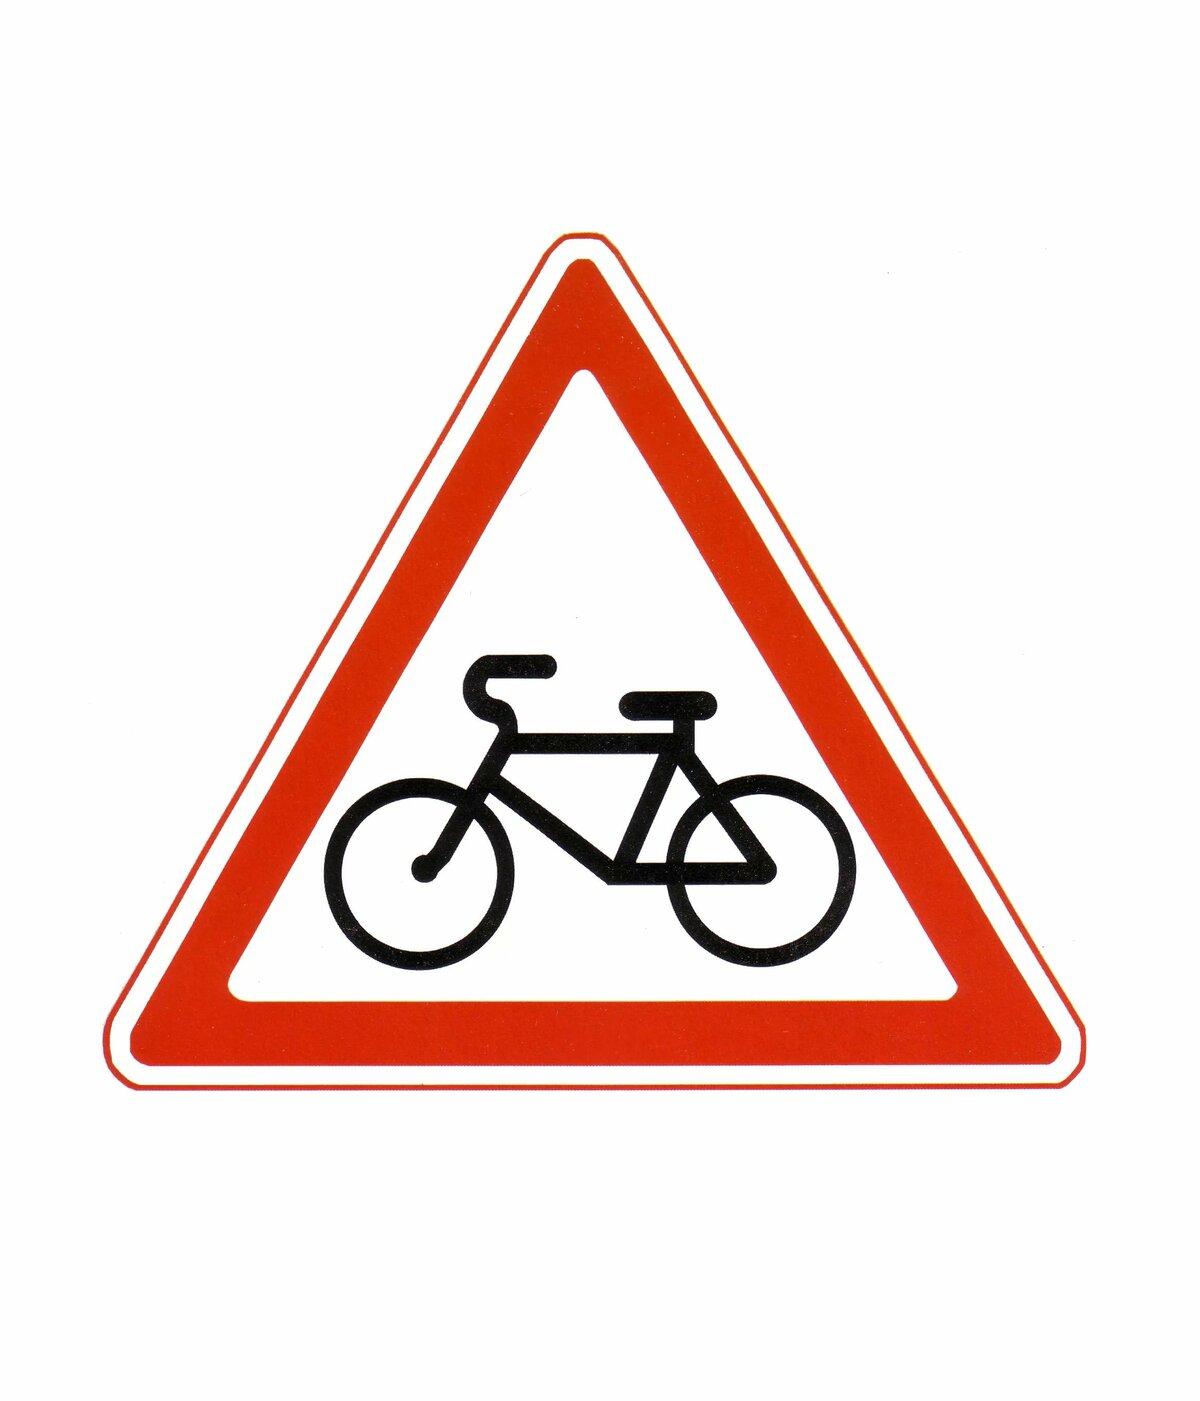 Дорожный знак в картинках для детей